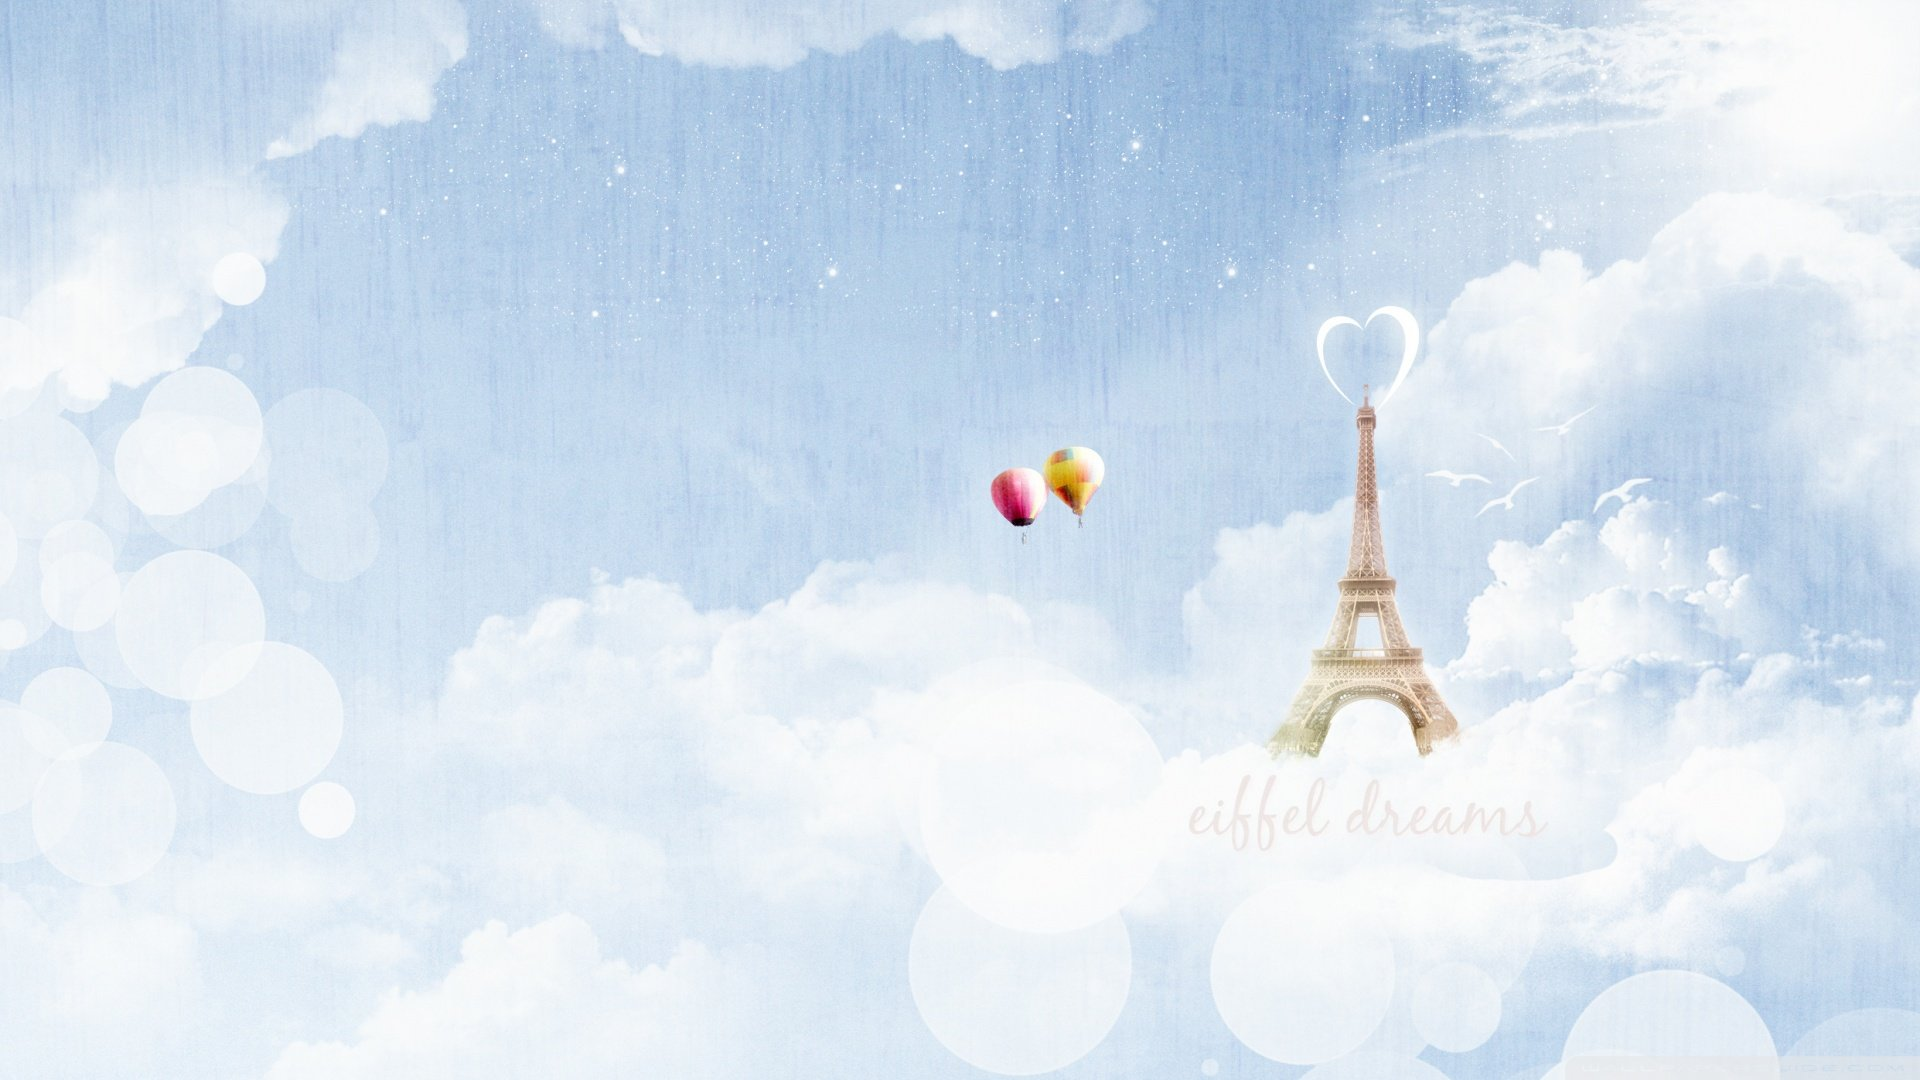 创意十足的云中之塔唯美梦幻PPT背景图片免费下载是由PPT宝藏(www.pptbz.com)会员zengmin上传推荐的淡雅PPT背景图片, 更新时间为2017-01-13,素材编号119125。 埃菲尔铁塔(法语:La Tour Eiffel;英语:Eiffel Tower)矗立在法国巴黎的战神广场,是世界著名建筑,也是法国文化象征之一,巴黎城市地标之一,也是巴黎最高建筑物,高300米,天线高24米,总高324米,于1889年建成,得名于设计它的著名建筑师、结构工程师古斯塔夫埃菲尔。 铁塔设计新颖独特,